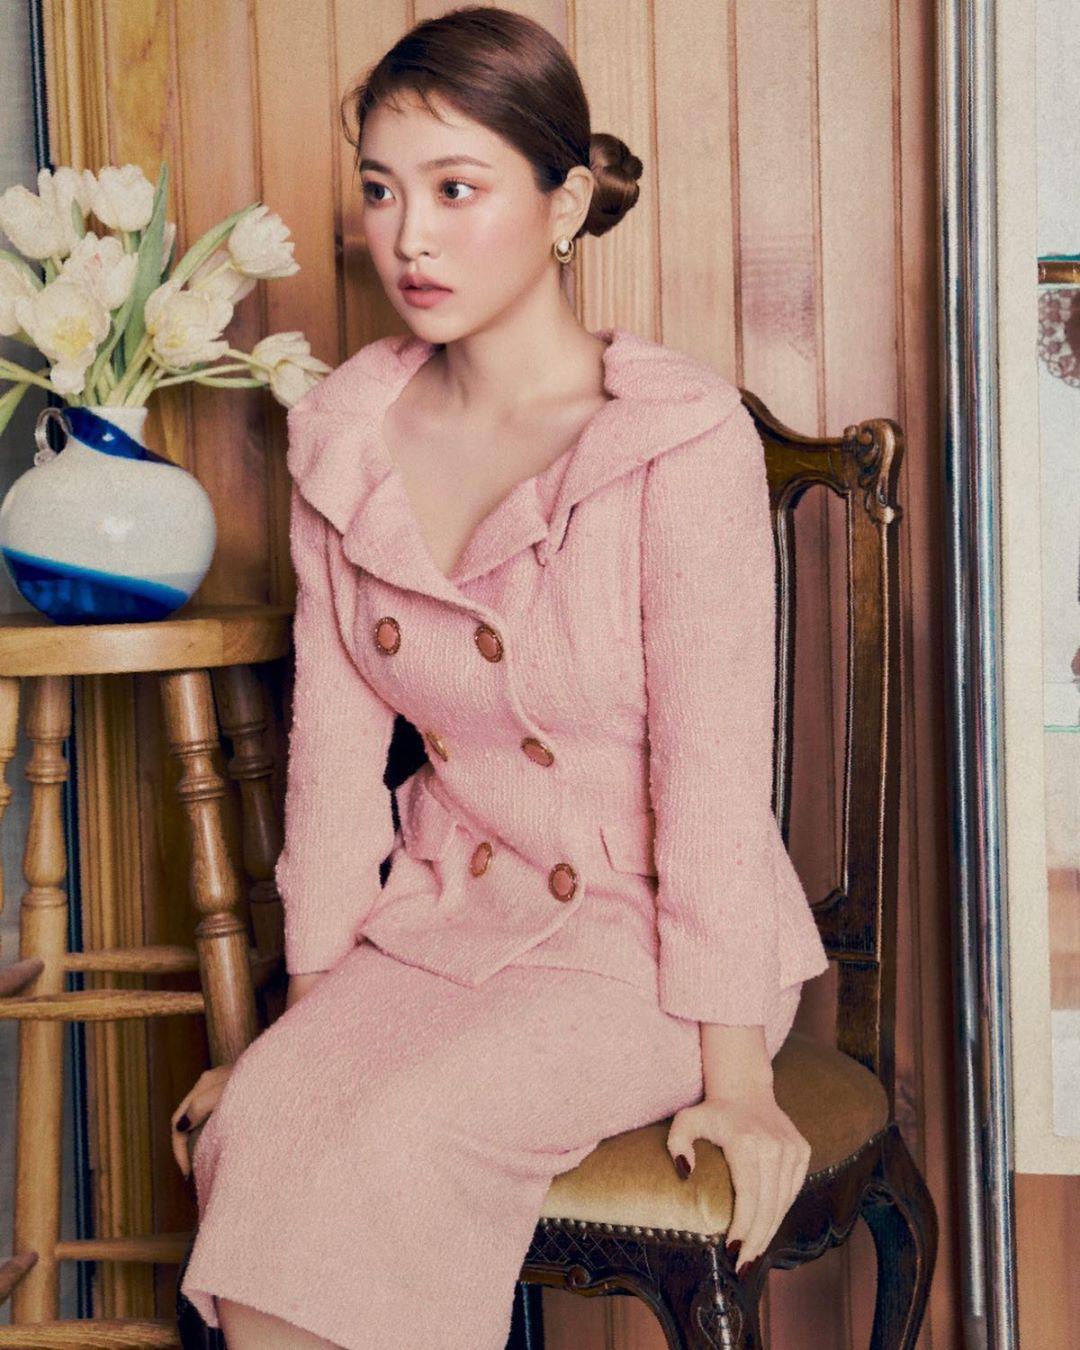 Bạn học 12 ý tưởng diện đồ màu hồng từ sao Hàn thì Valentine chỉ xinh và sang chứ không có chuyện sến - Ảnh 2.